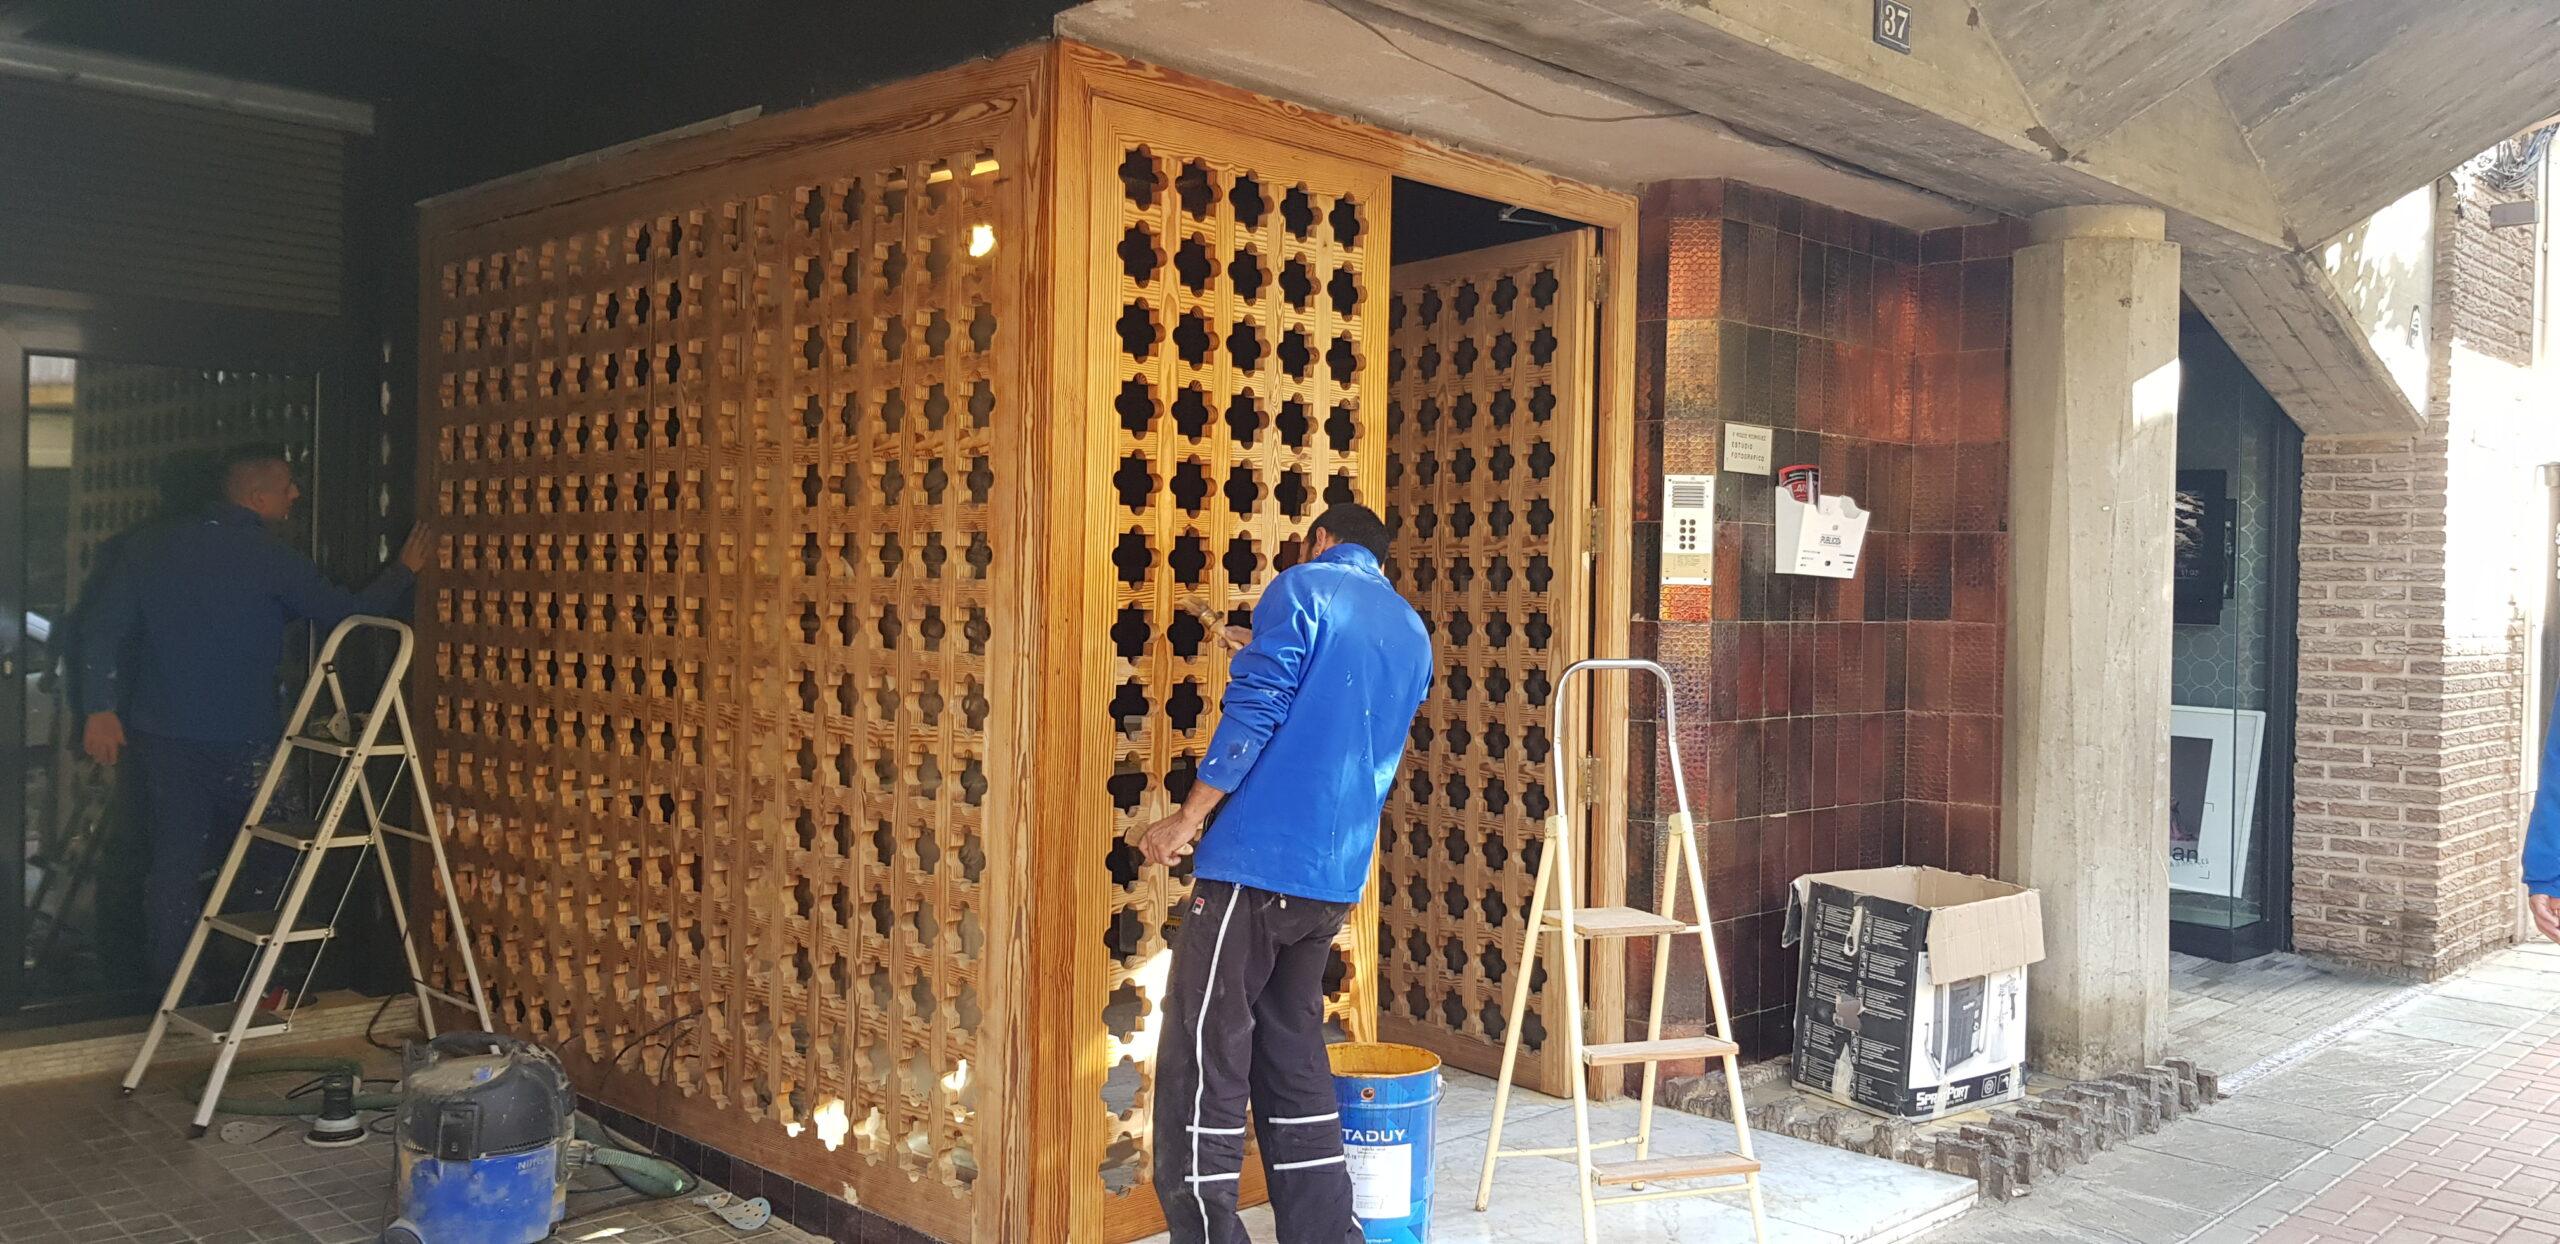 Restauración de fachada de madera en Onil Alicante